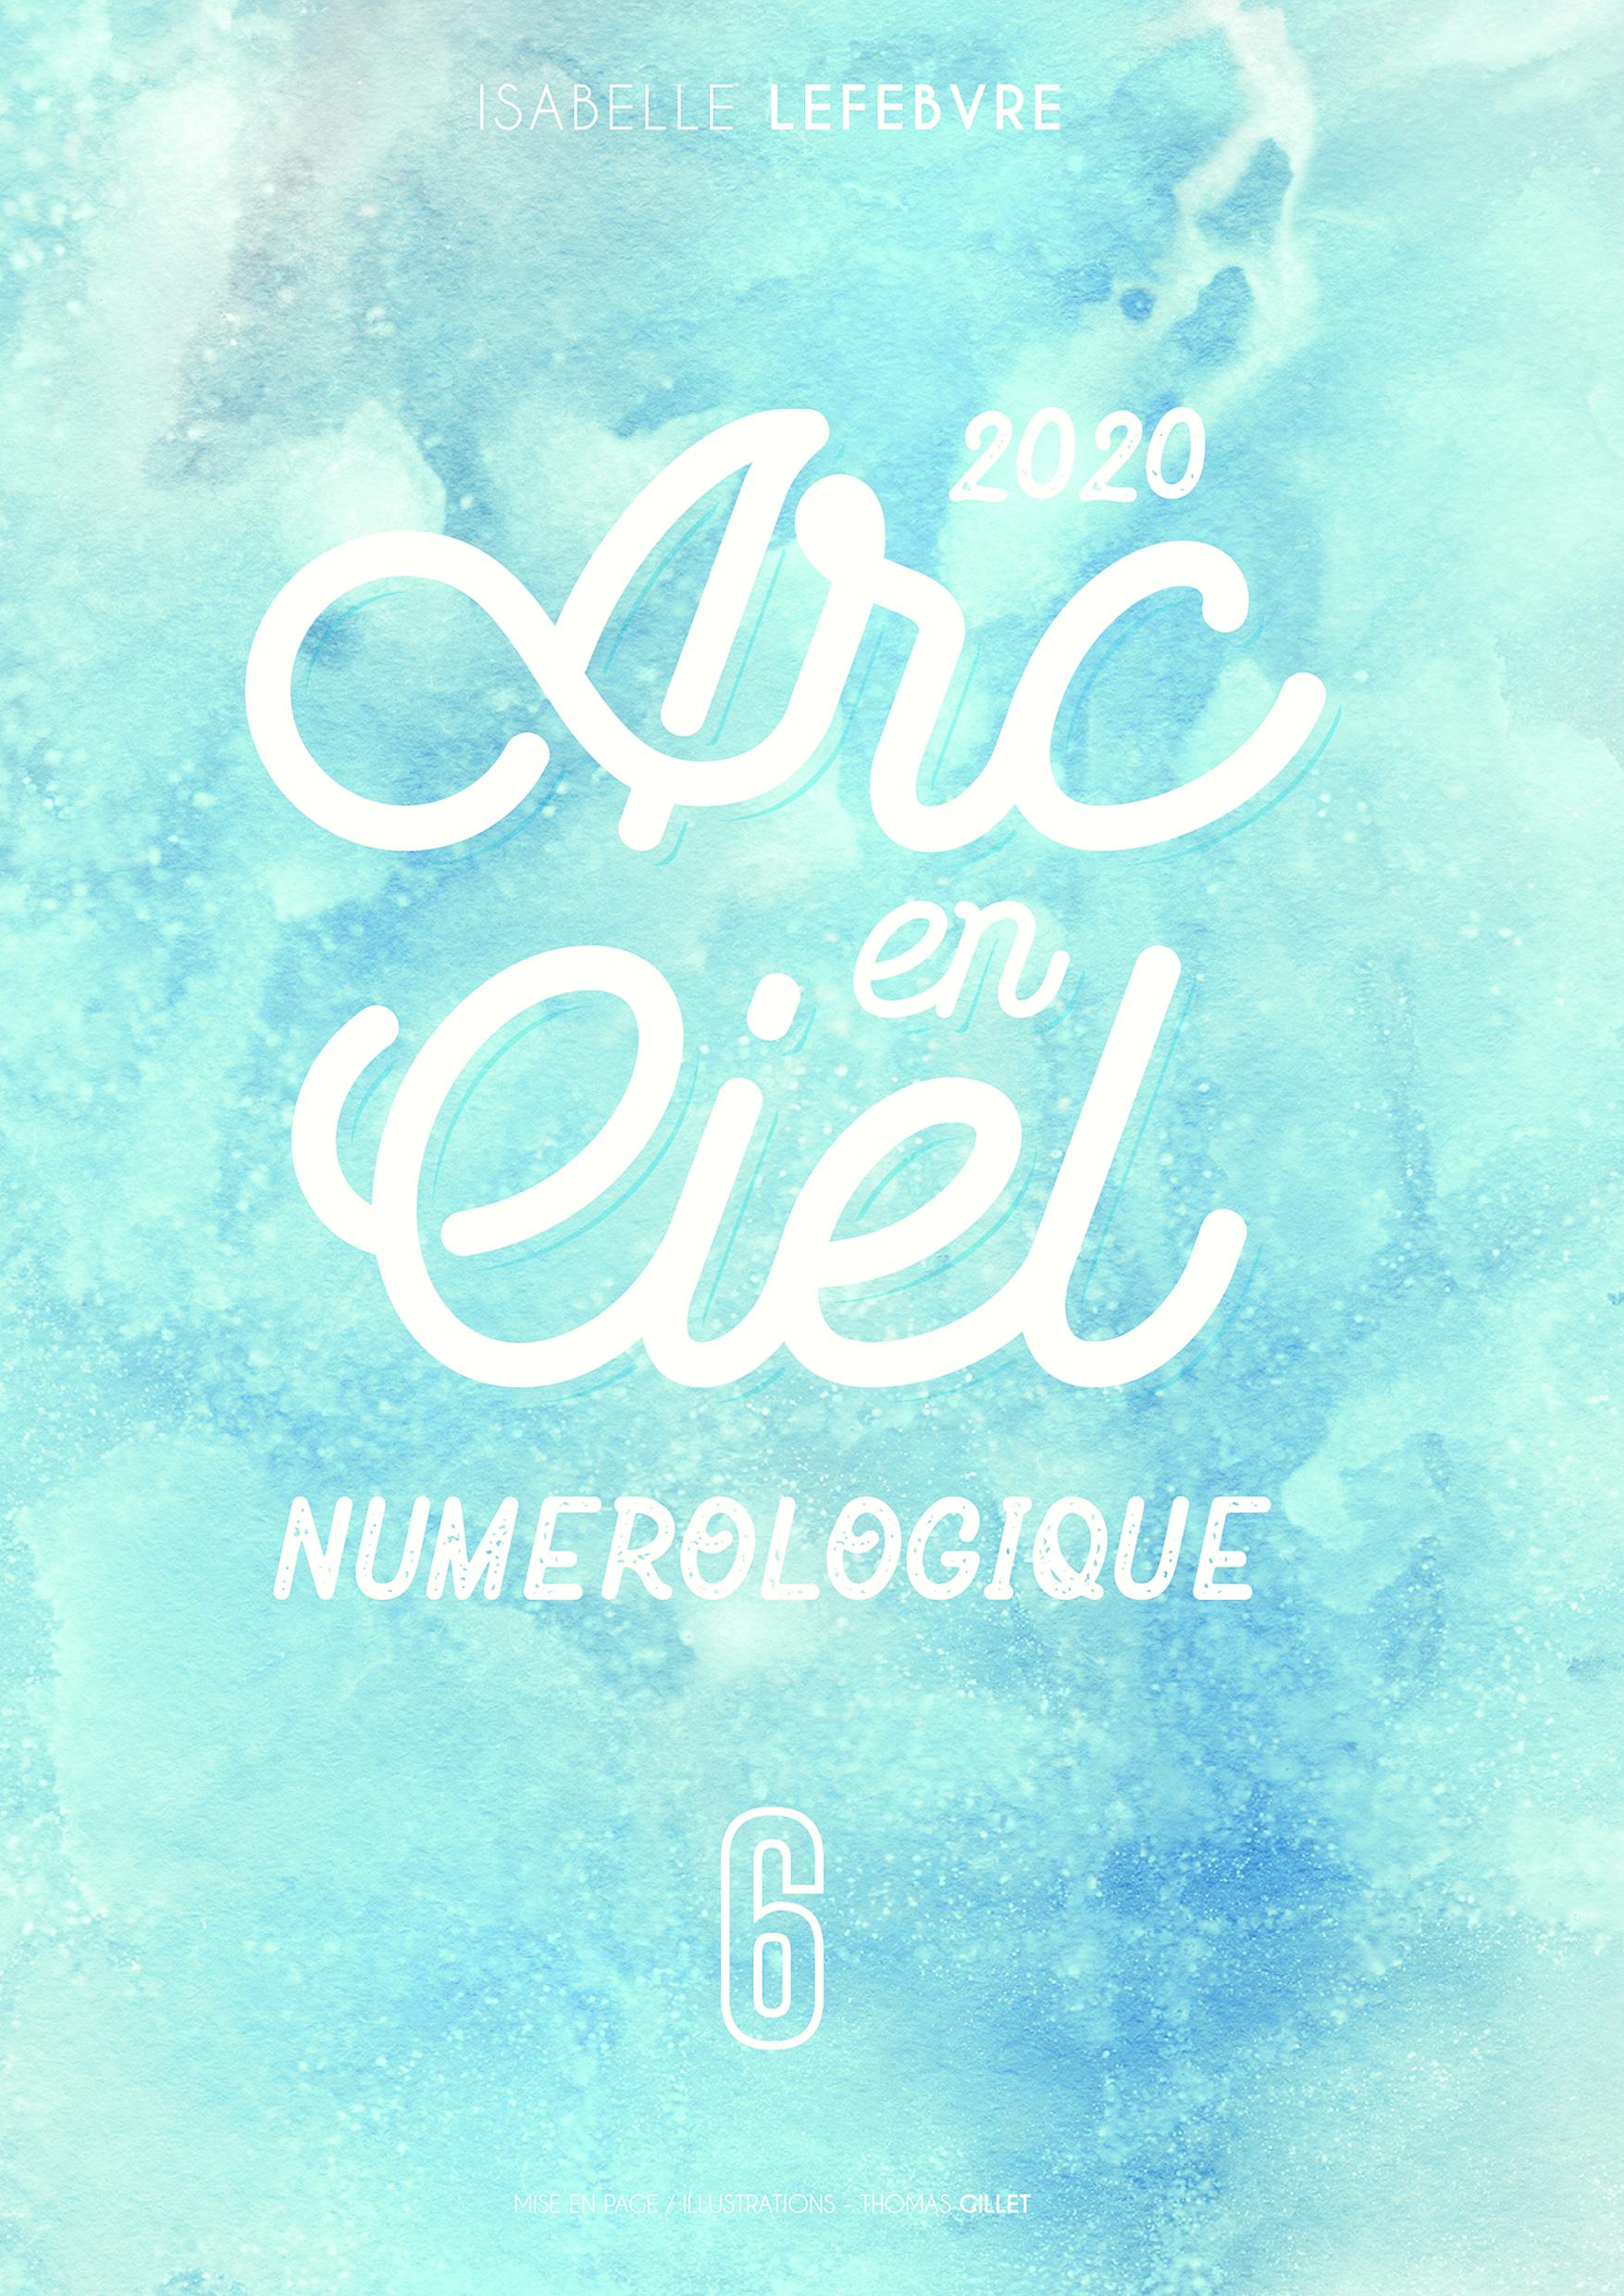 L'Arc en Ciel Numérologique 2020 - 6